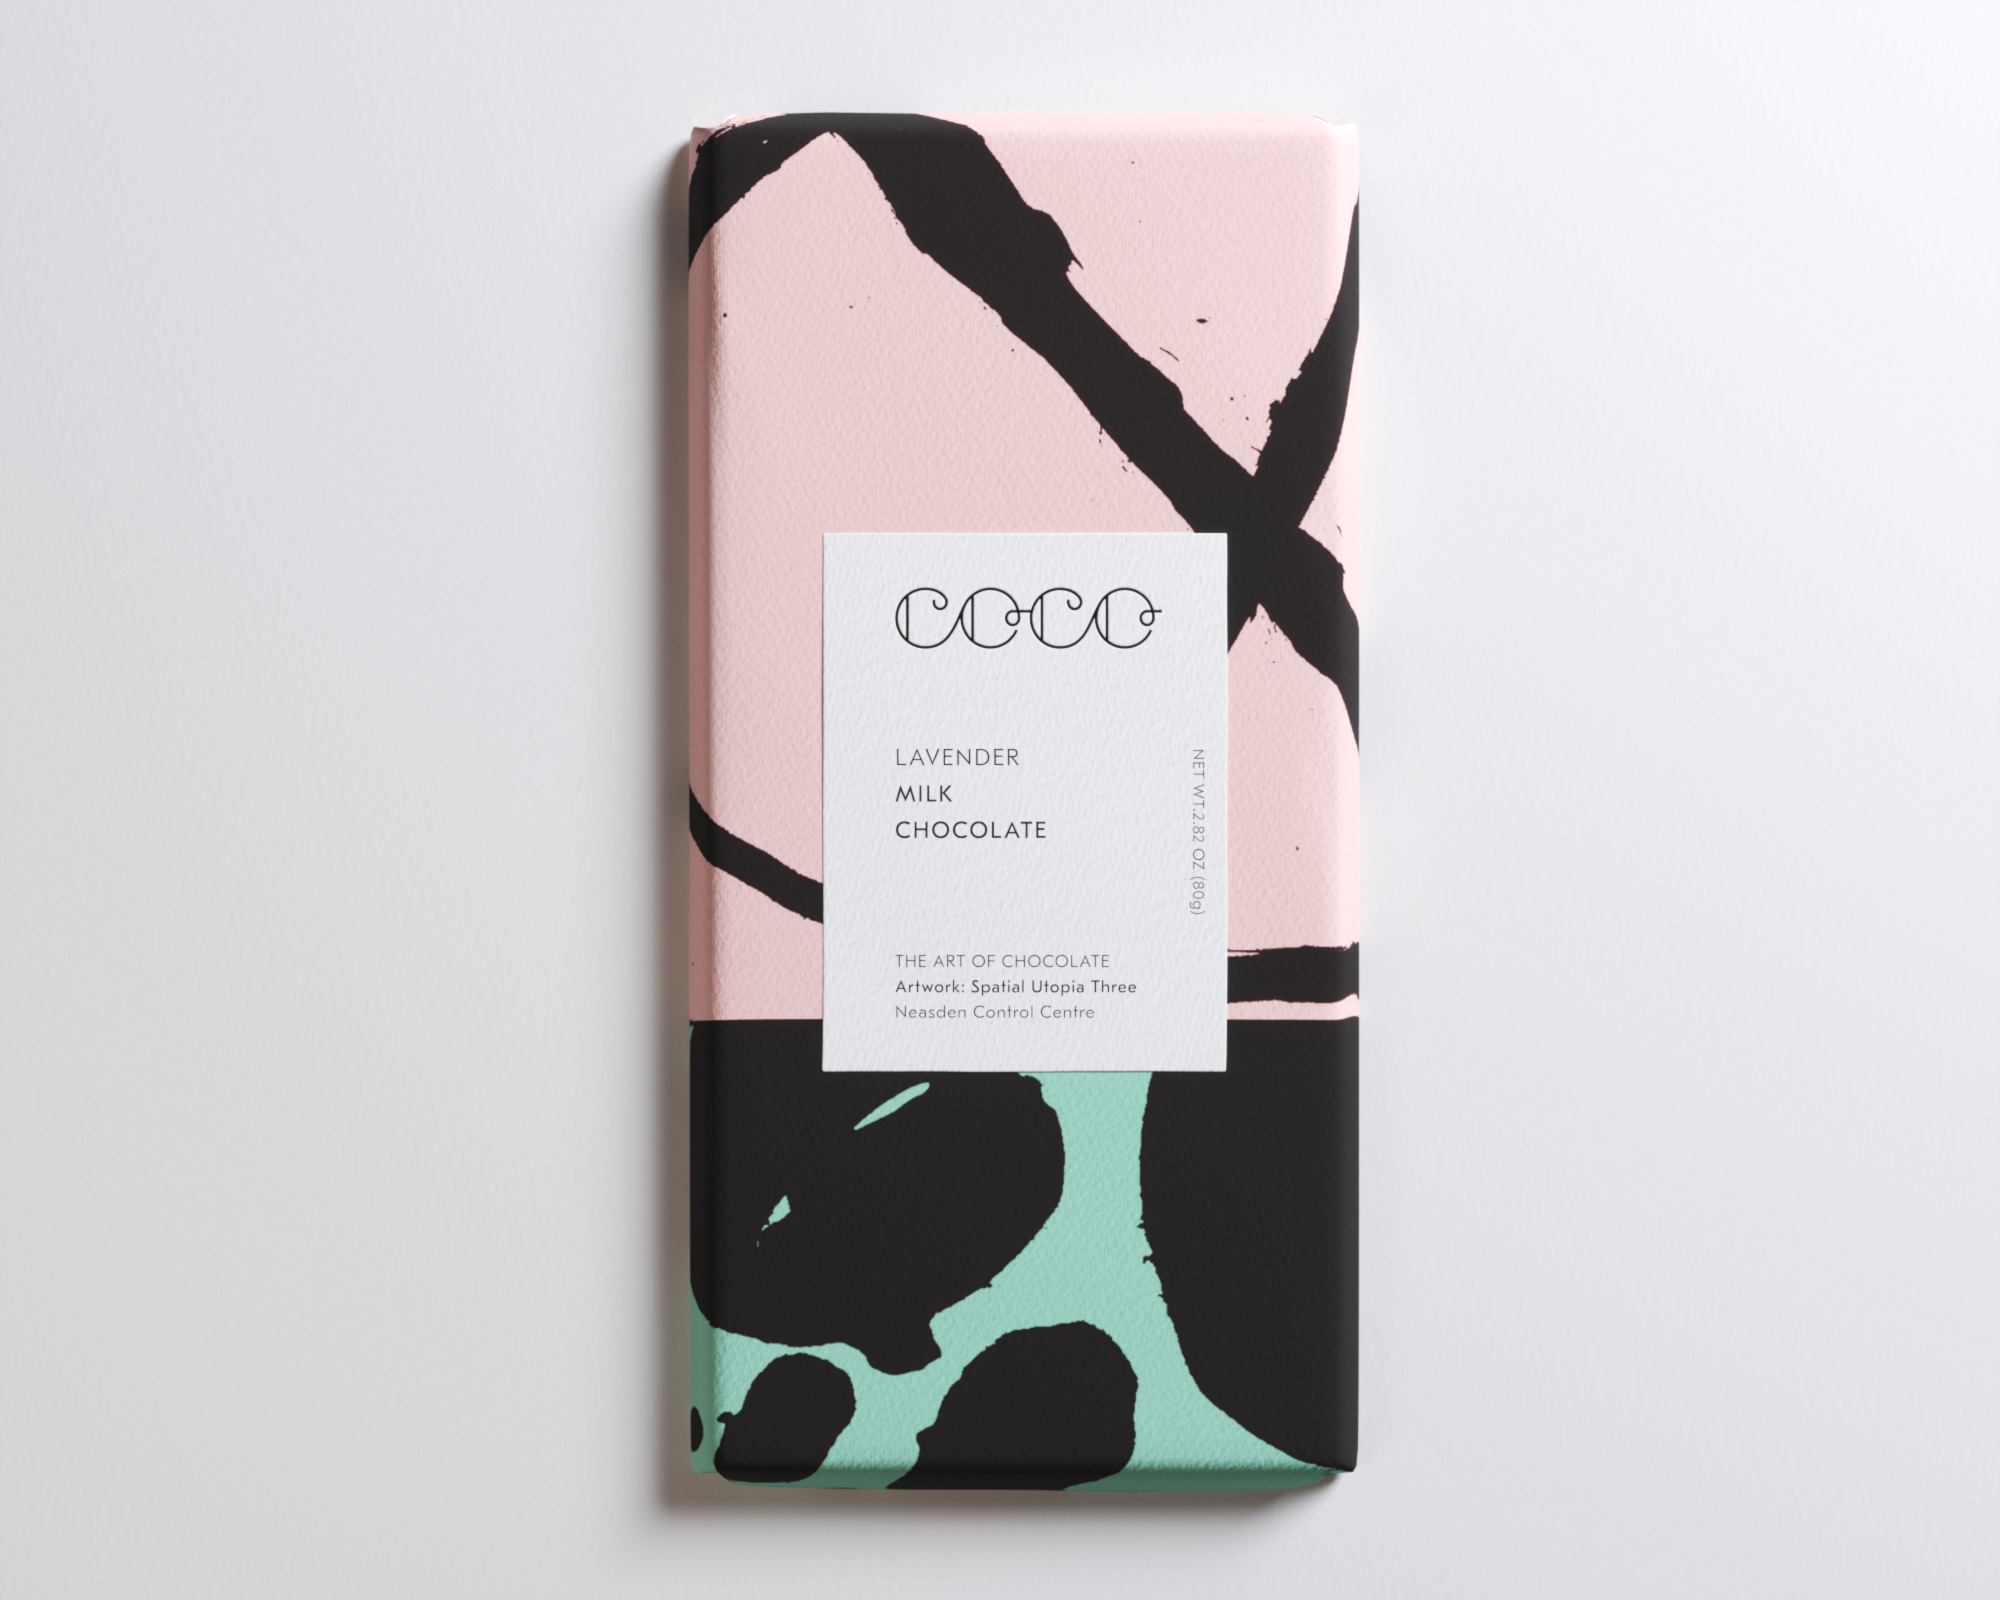 COCO - Lavender